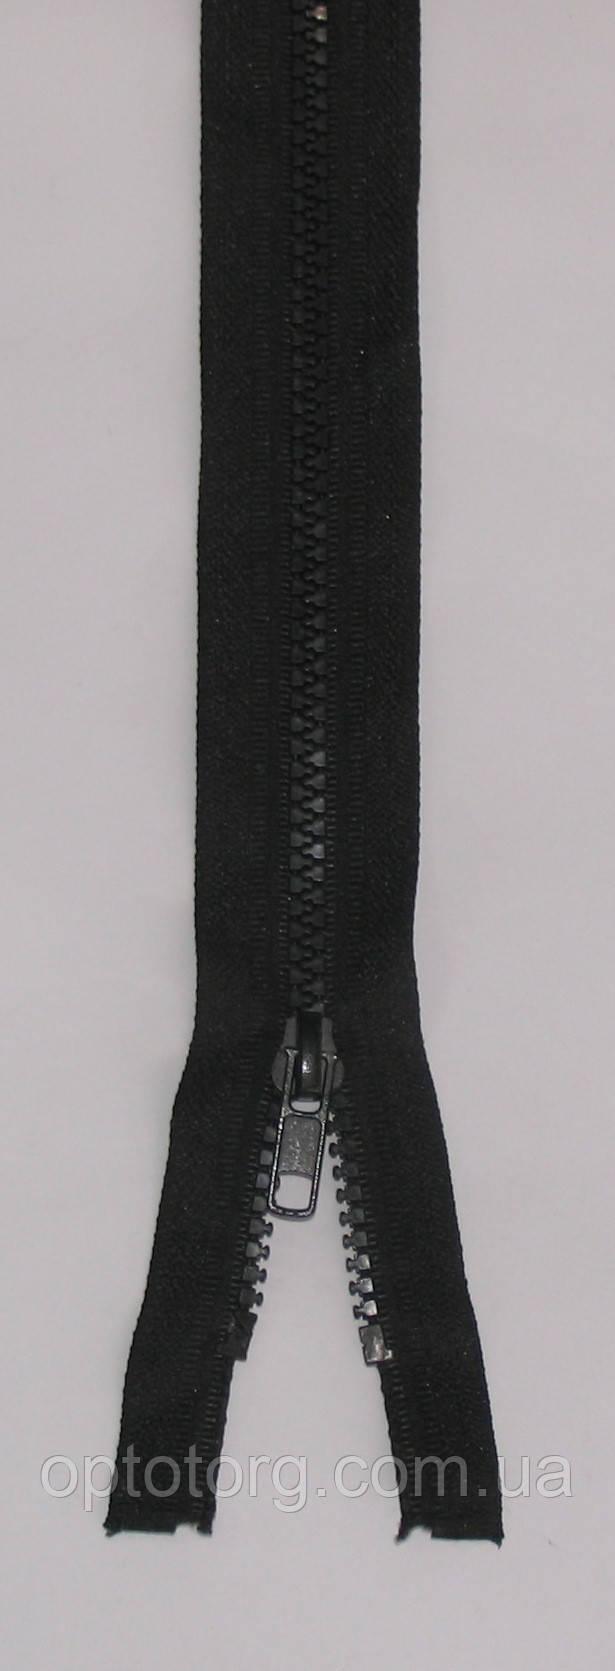 Змейка молния тракторная оптом черная длина 40см